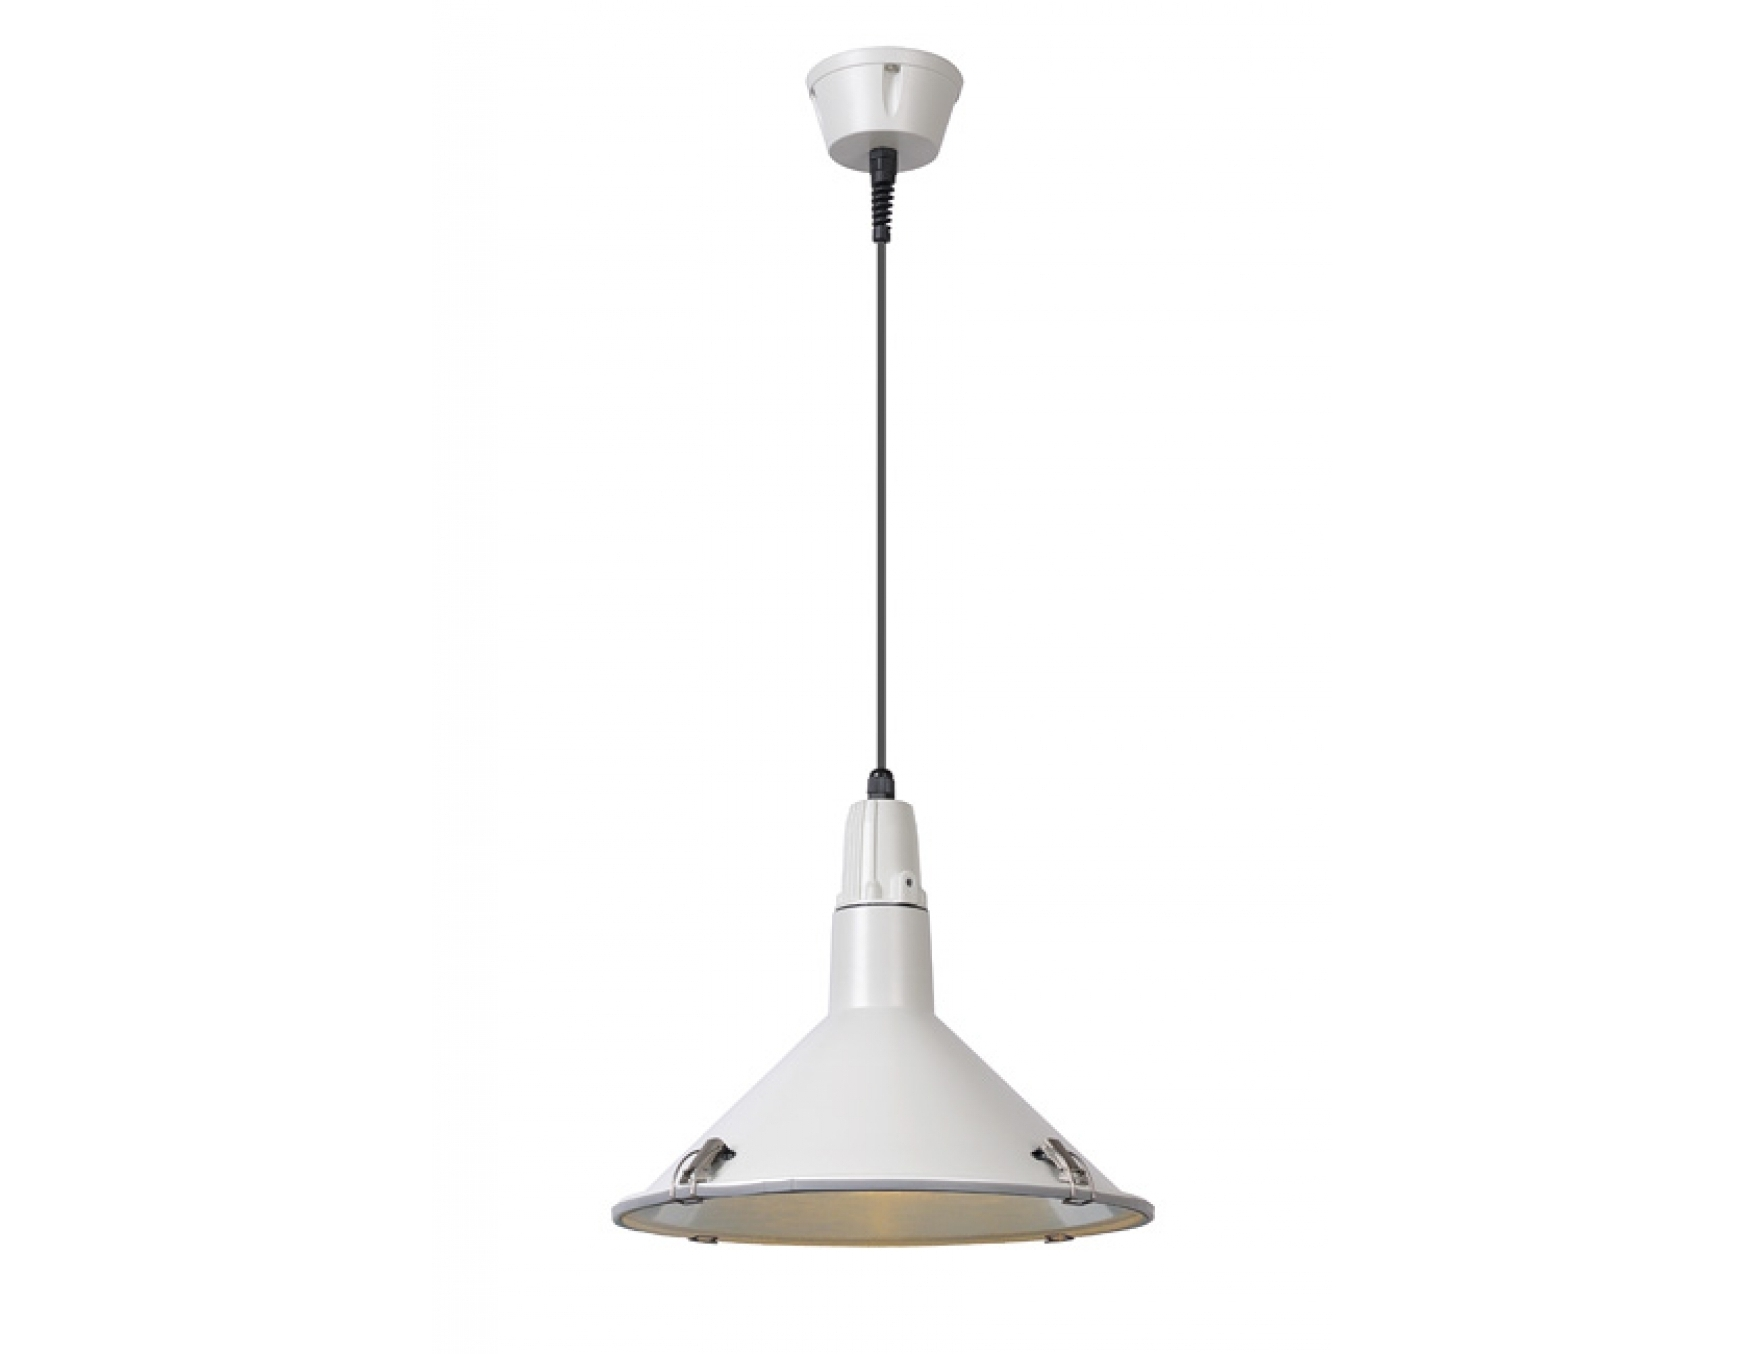 Подвесной светильник TONGAУличные подвесные и потолочные светильники<br>&amp;lt;span style=&amp;quot;line-height: 24.9999px;&amp;quot;&amp;gt;Цоколь Е27,&amp;amp;nbsp;&amp;lt;/span&amp;gt;&amp;lt;div style=&amp;quot;line-height: 24.9999px;&amp;quot;&amp;gt;Мощность&amp;amp;nbsp;&amp;lt;span style=&amp;quot;line-height: 1.78571;&amp;quot;&amp;gt;60W,&amp;amp;nbsp;&amp;lt;/span&amp;gt;&amp;lt;/div&amp;gt;&amp;lt;div style=&amp;quot;line-height: 24.9999px;&amp;quot;&amp;gt;&amp;lt;span style=&amp;quot;line-height: 1.78571;&amp;quot;&amp;gt;Количество 1 лампочка (в комплект не входит)&amp;lt;/span&amp;gt;&amp;lt;/div&amp;gt;<br><br>Material: Металл<br>Height см: 202<br>Diameter см: 25